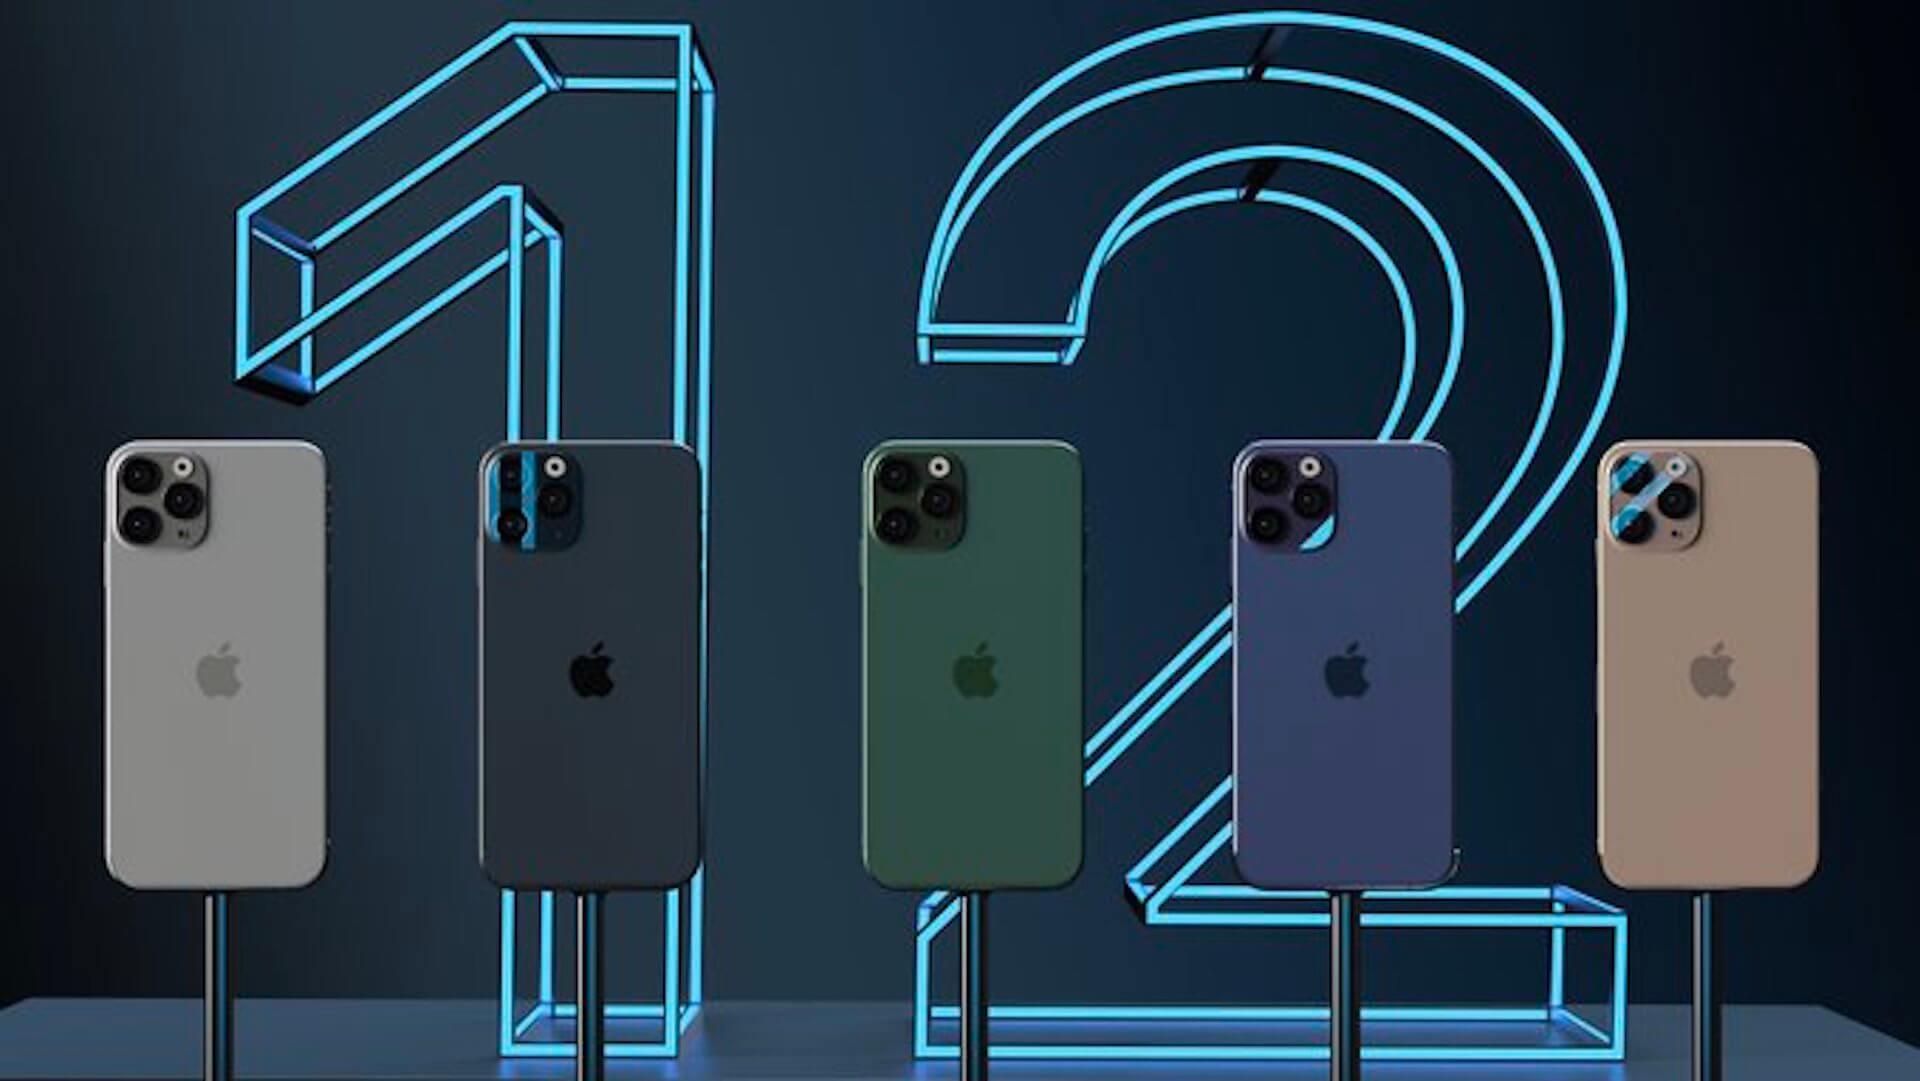 今秋登場とうわさのiPhone 12のカメラは6,400万画素に?インカメラでもナイトモード導入か tech200306_iphone12_1